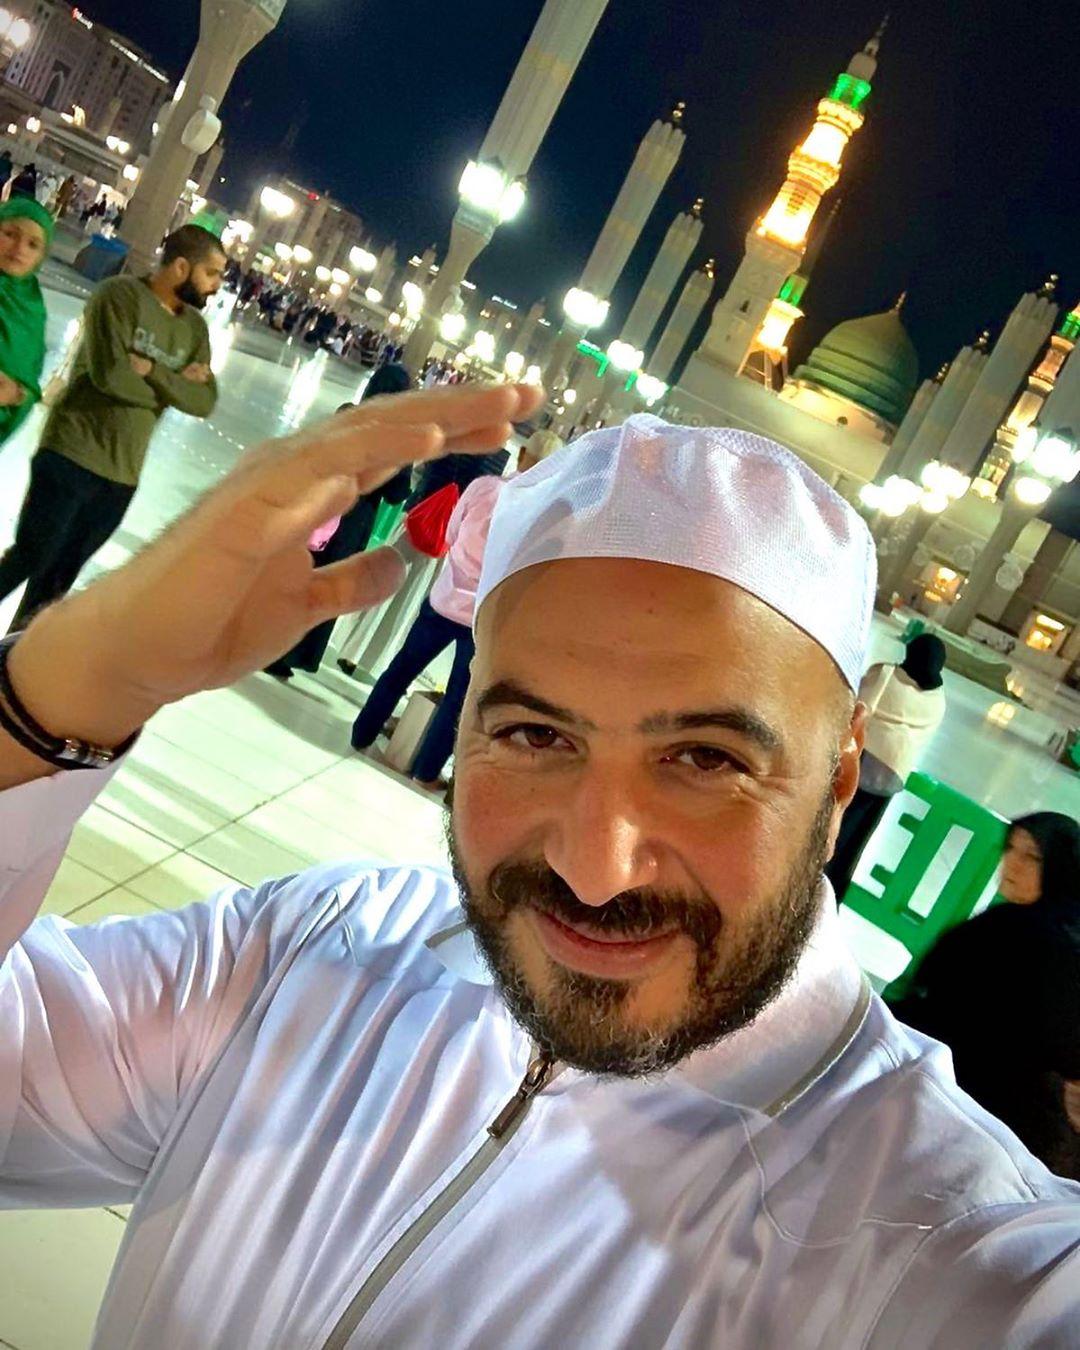 مجدى الهوارى أمام الكعبة المشرفة فى السعودية